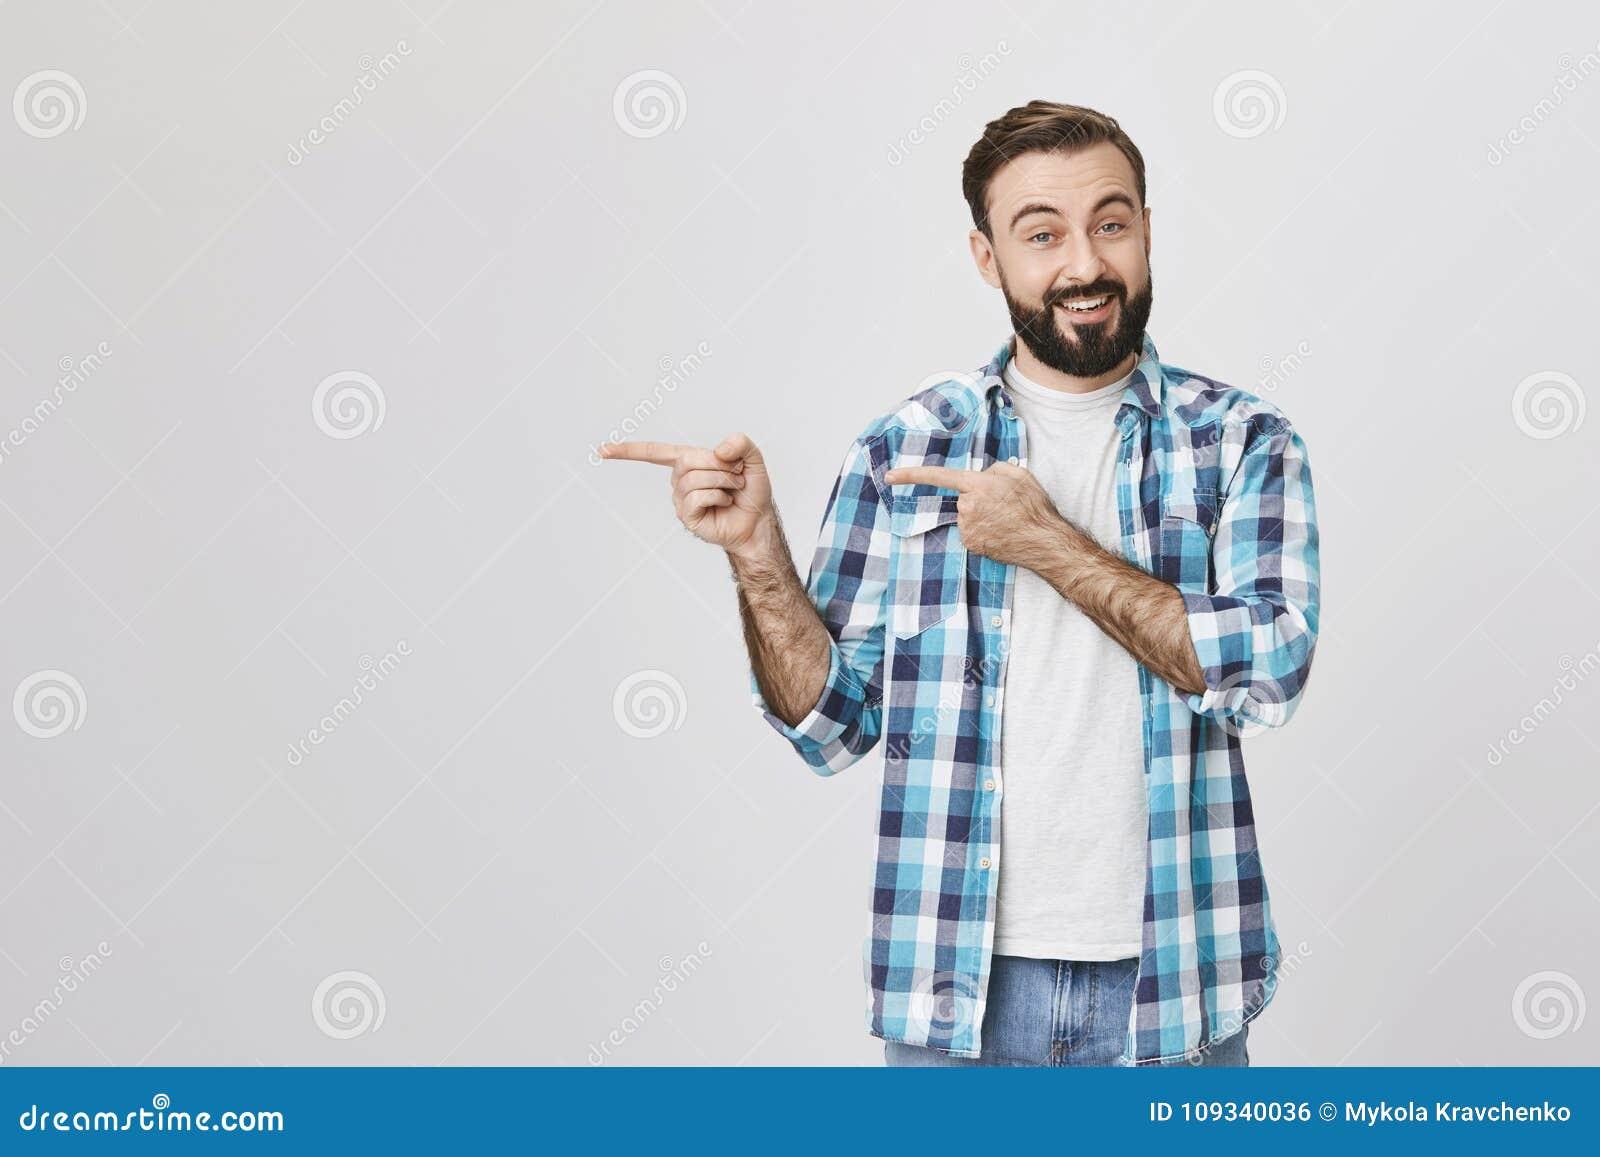 Hübscher erwachsener Gatte mit dem Bart und Schnurrbart, lächelnd und drücken Beifall beim mit zwei Händen nach links zeigen aus